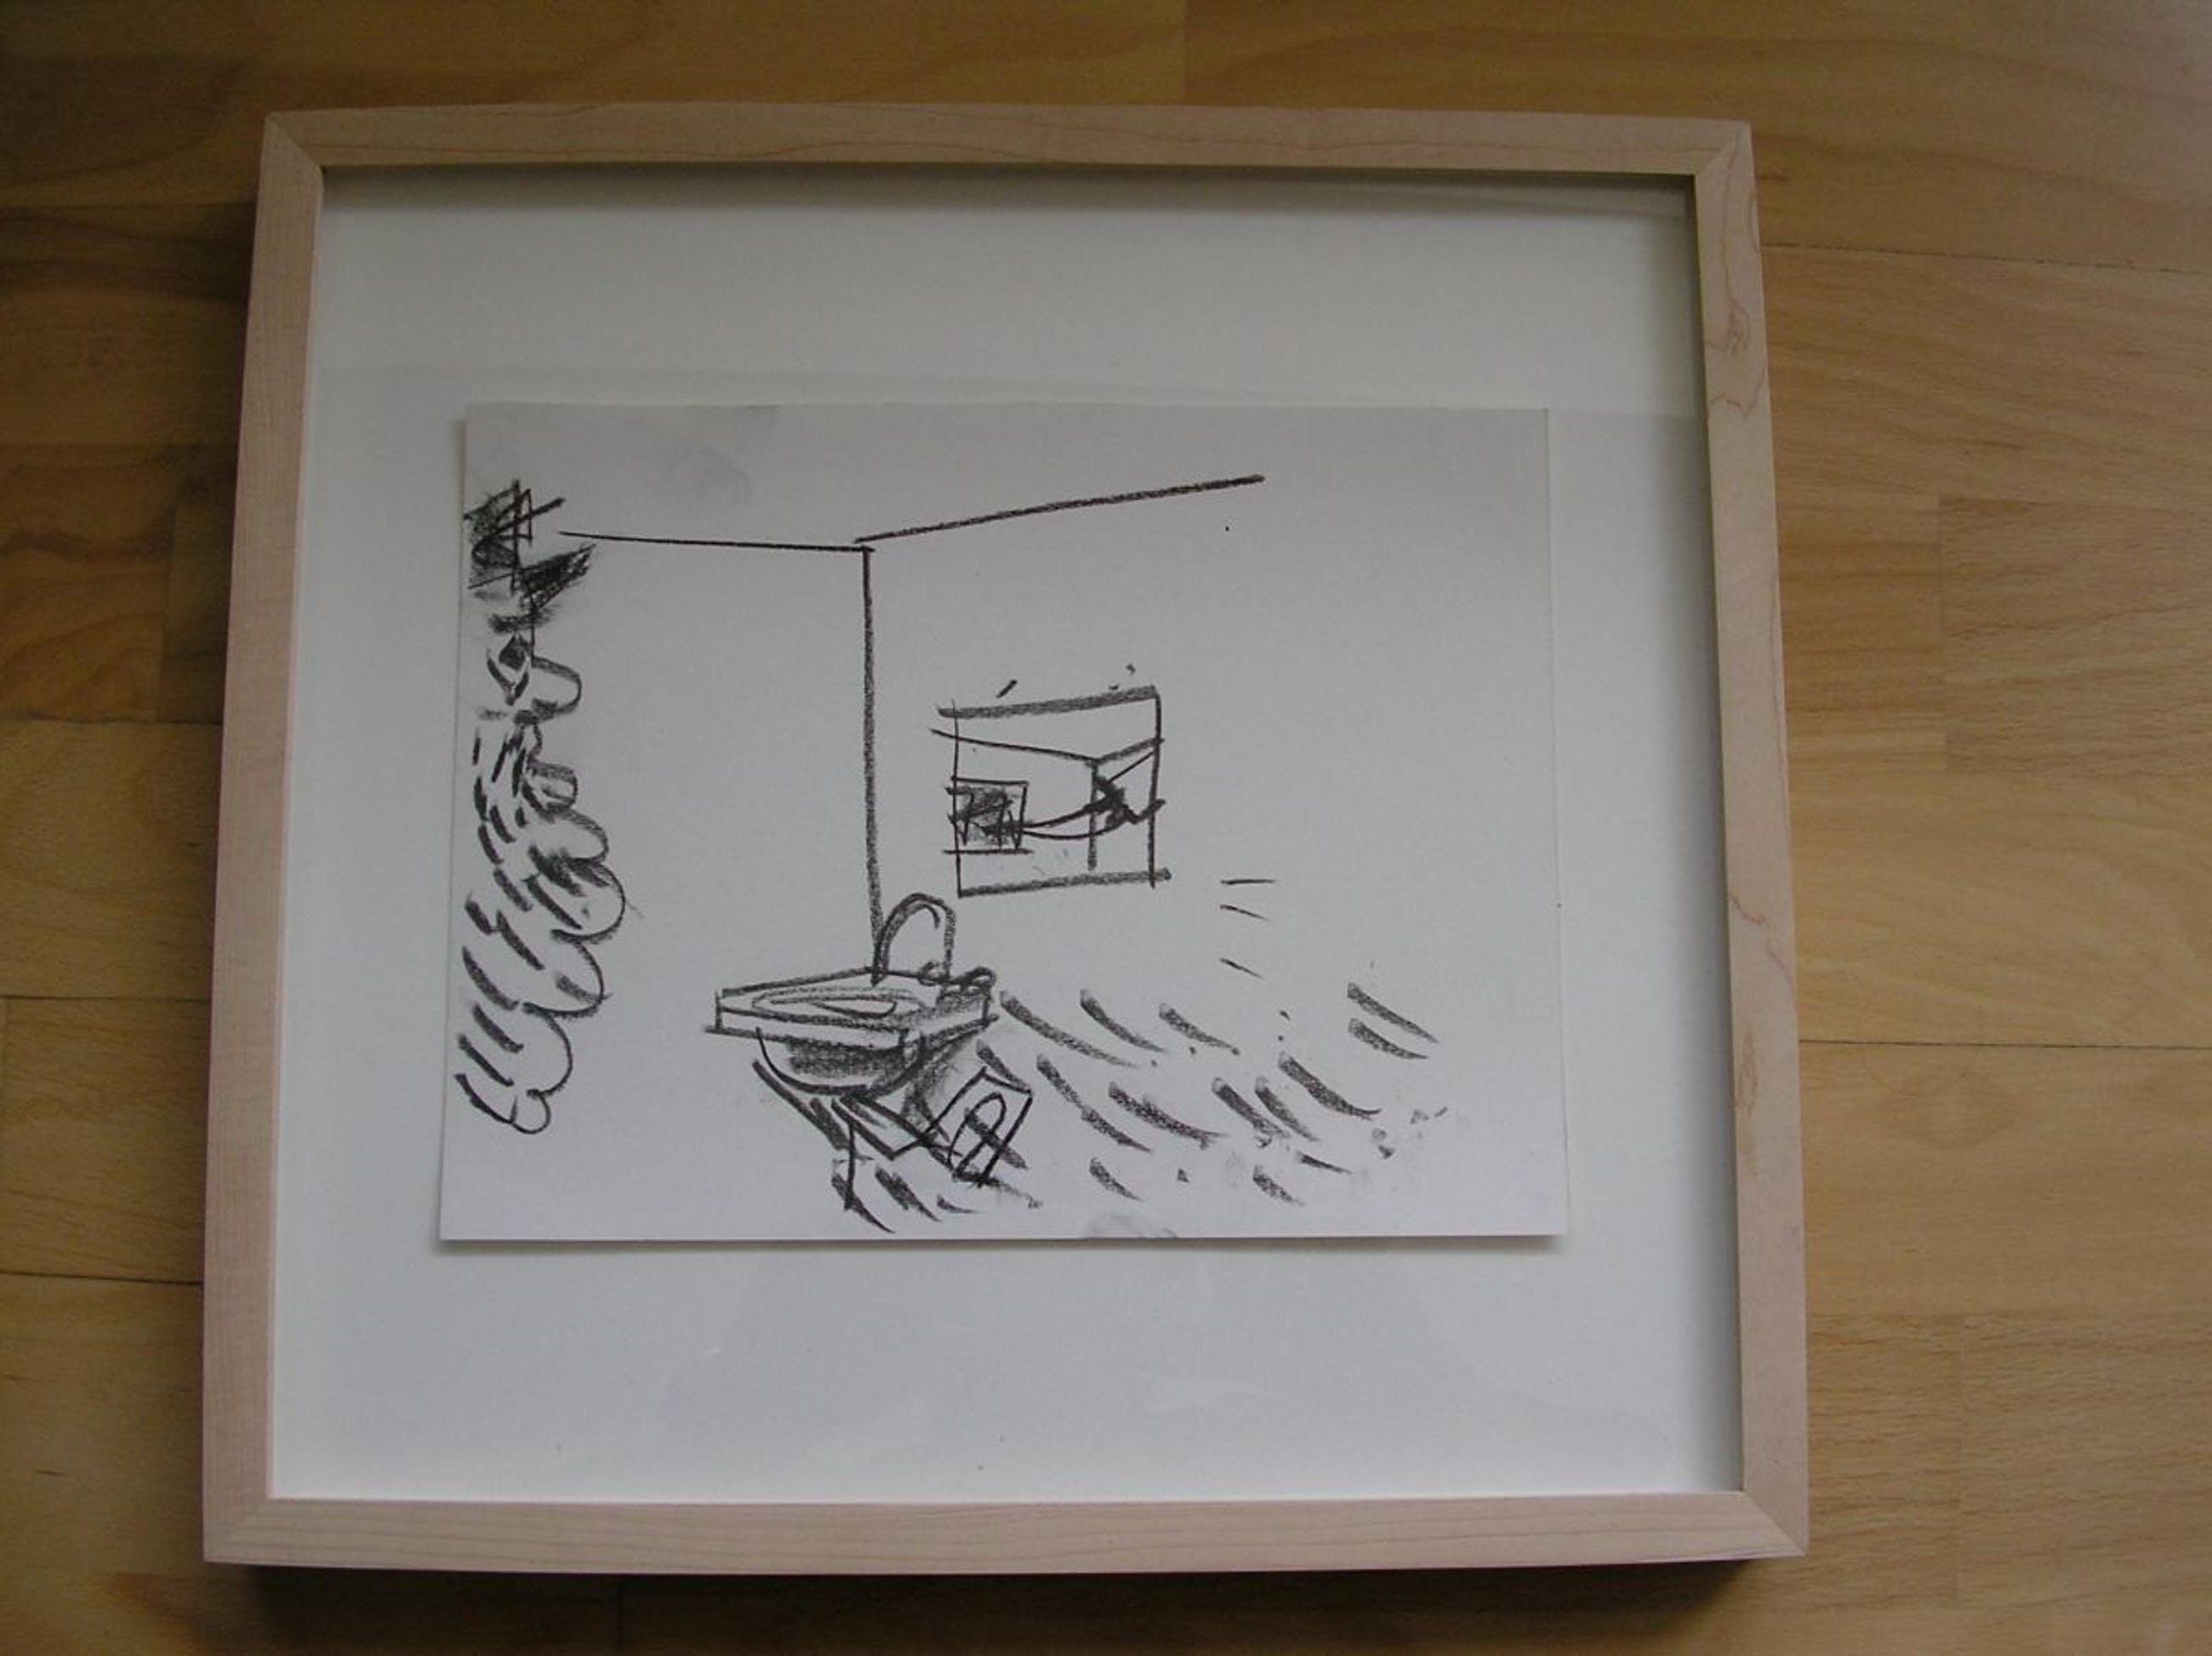 Matthias Weischer - Matthias Weischer, Untitled, 2004, Zeichnung auf Karton, signiert, WVZ 231 kopen? Bied vanaf 999!